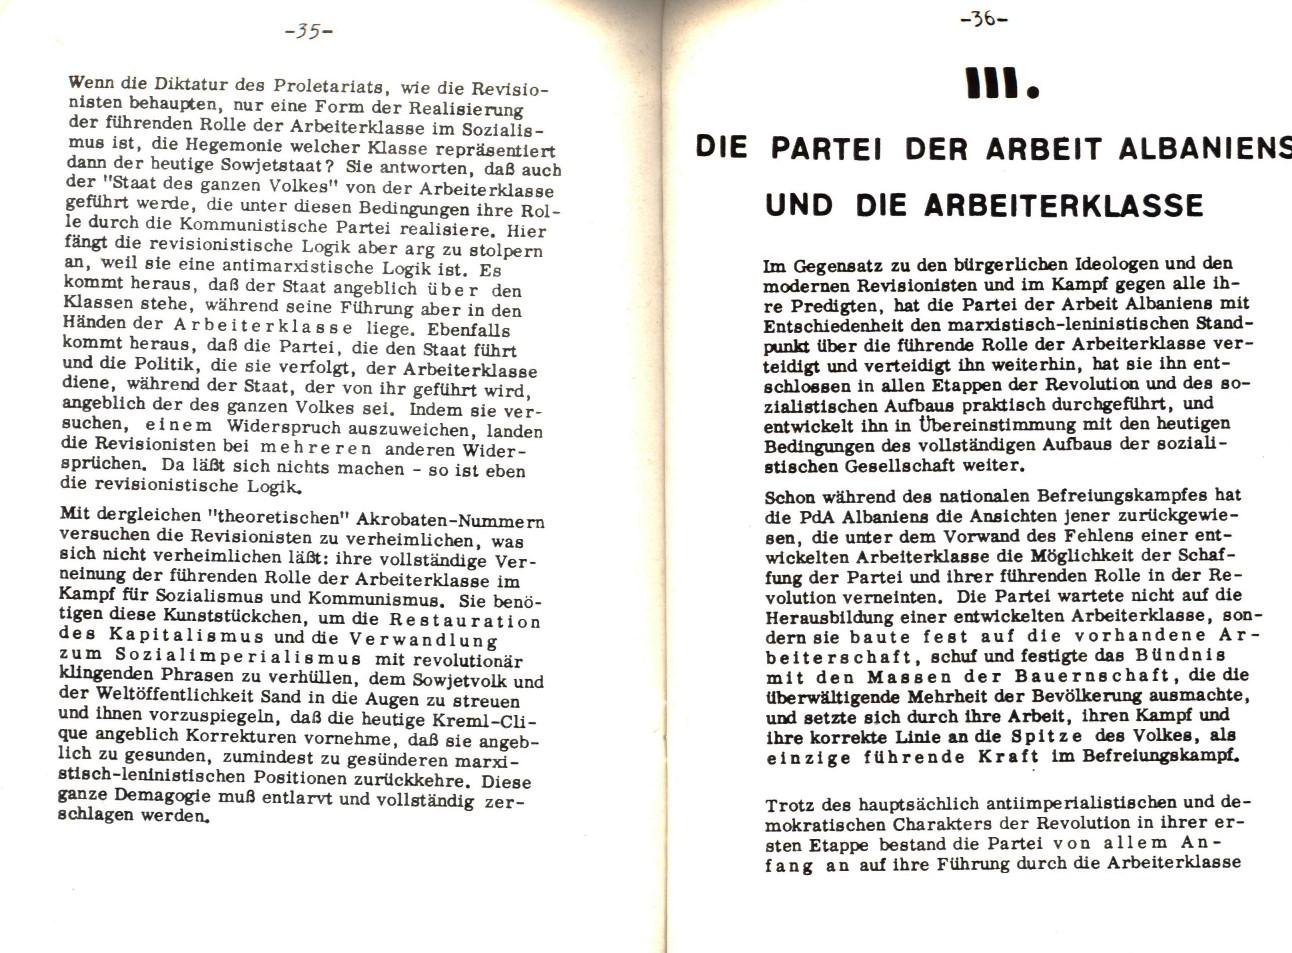 MLSK_Theorie_und_Praxis_des_ML_1978_23_21